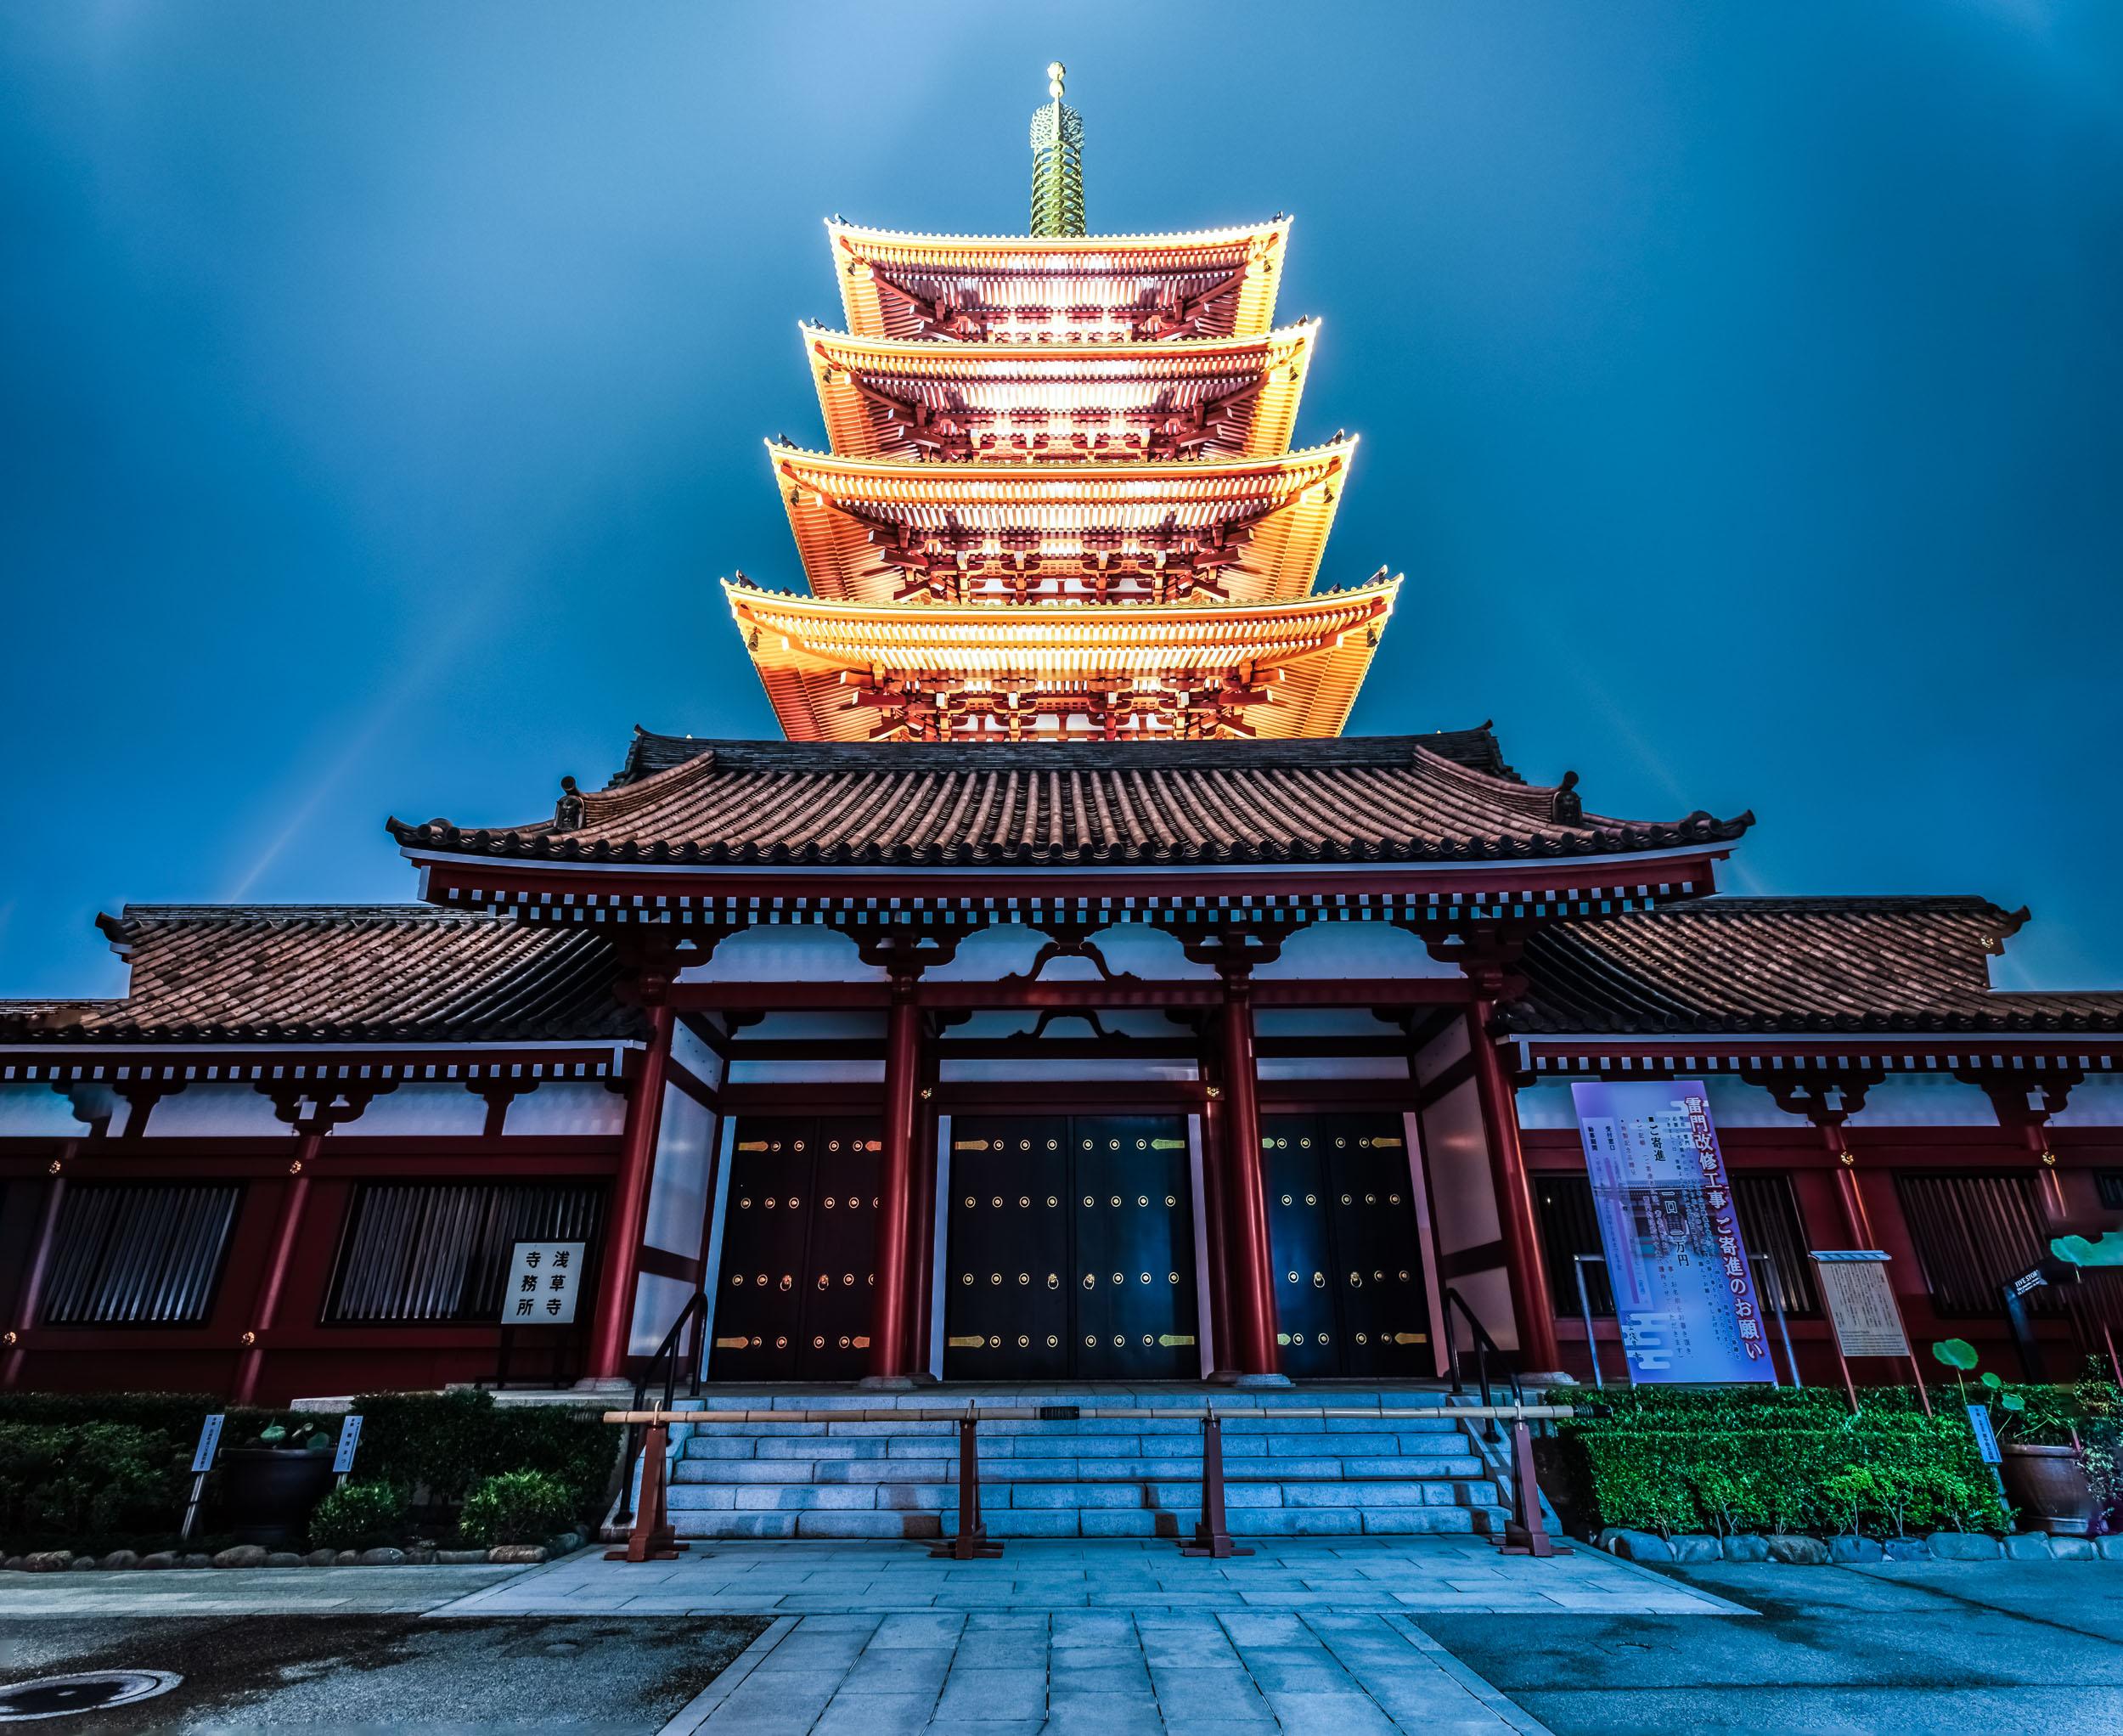 The pagoda at Sensoji